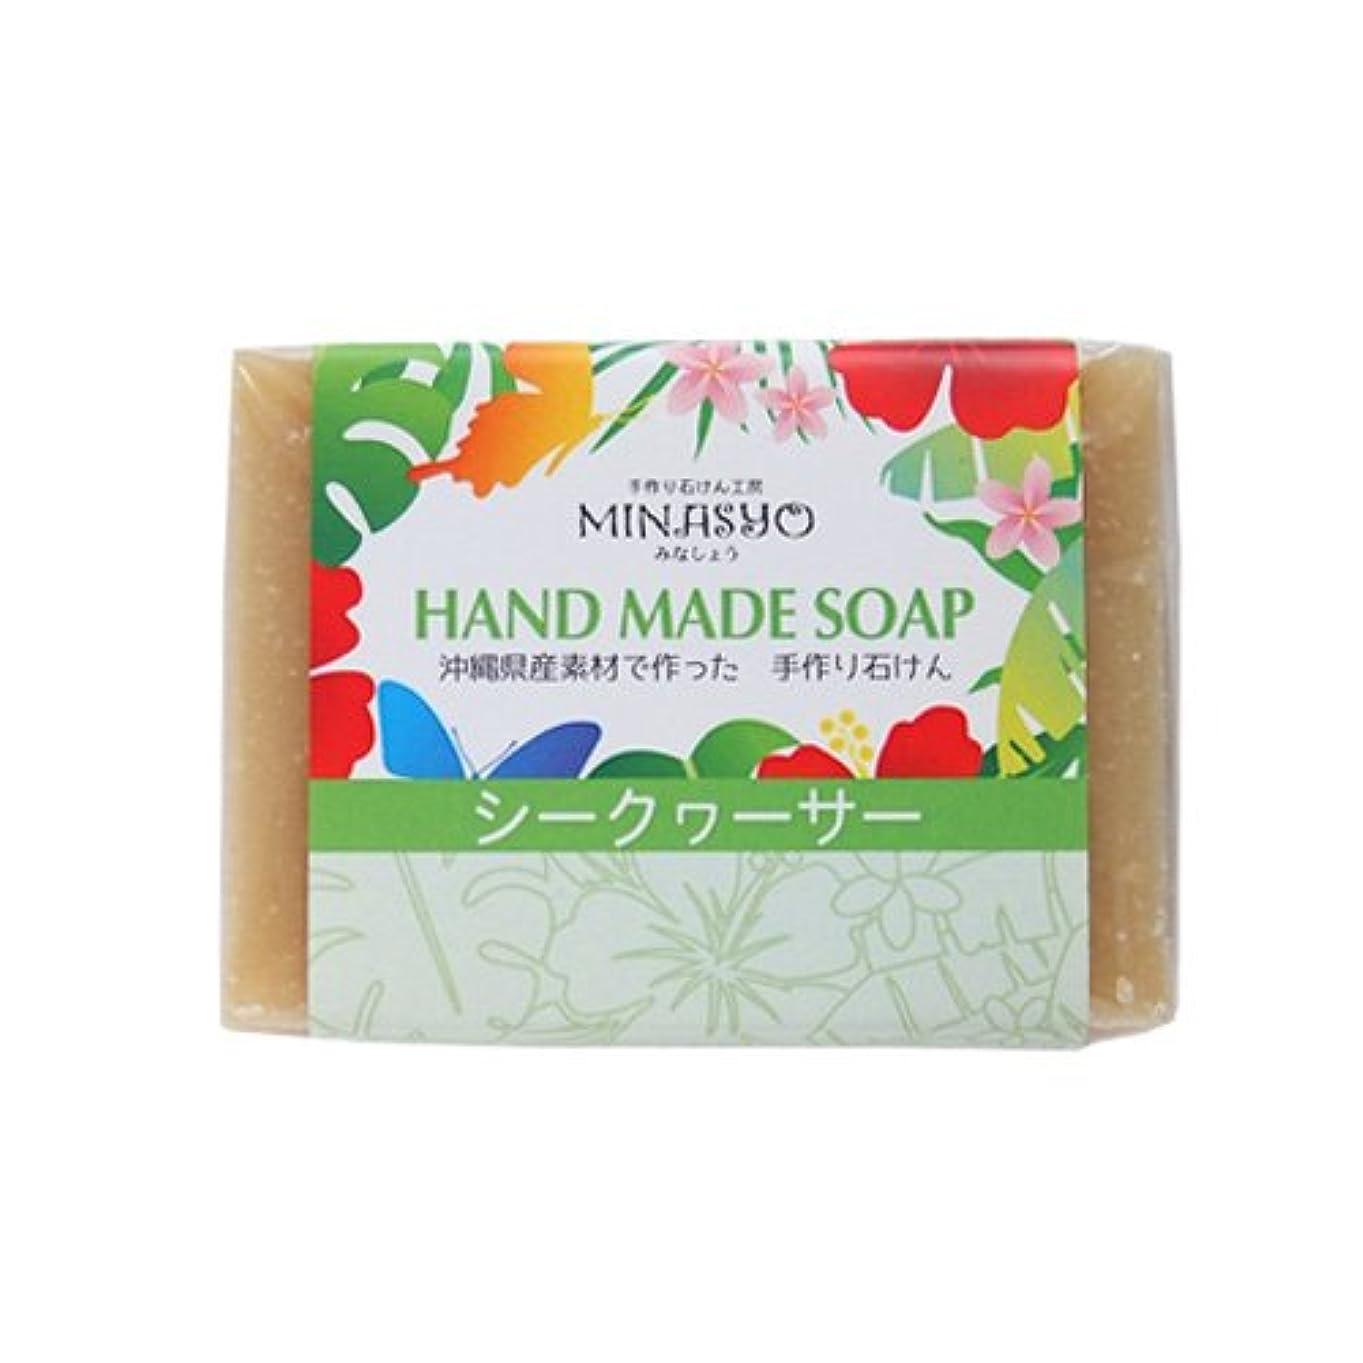 慢性的資料イライラする洗顔石鹸 無添加 固形ハンドソープ ボディソープ 手作りシークワーサー石鹸